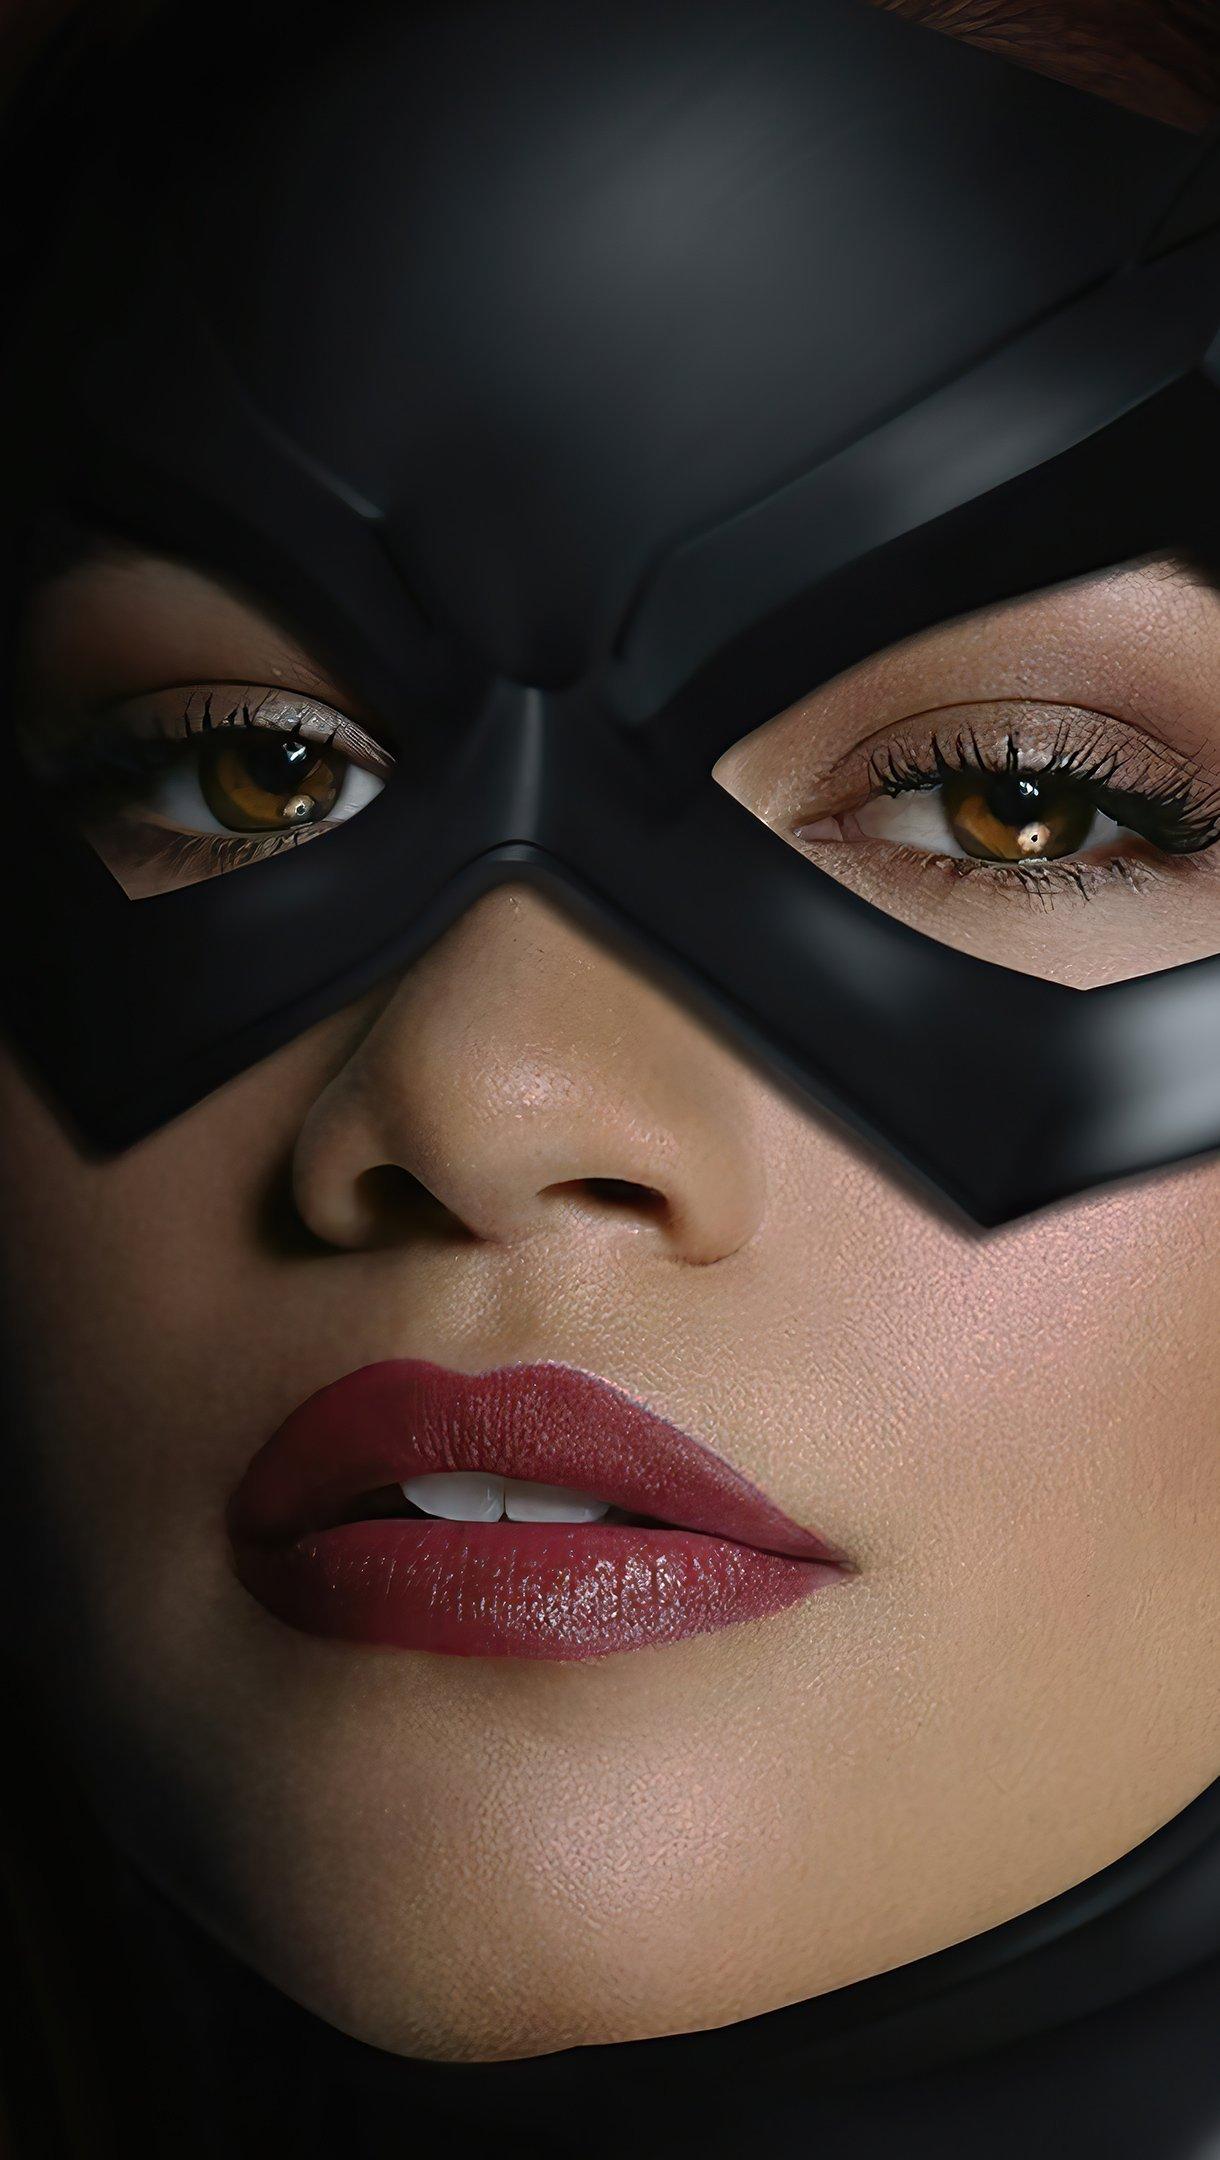 Wallpaper Zendaya as Batgirl Vertical